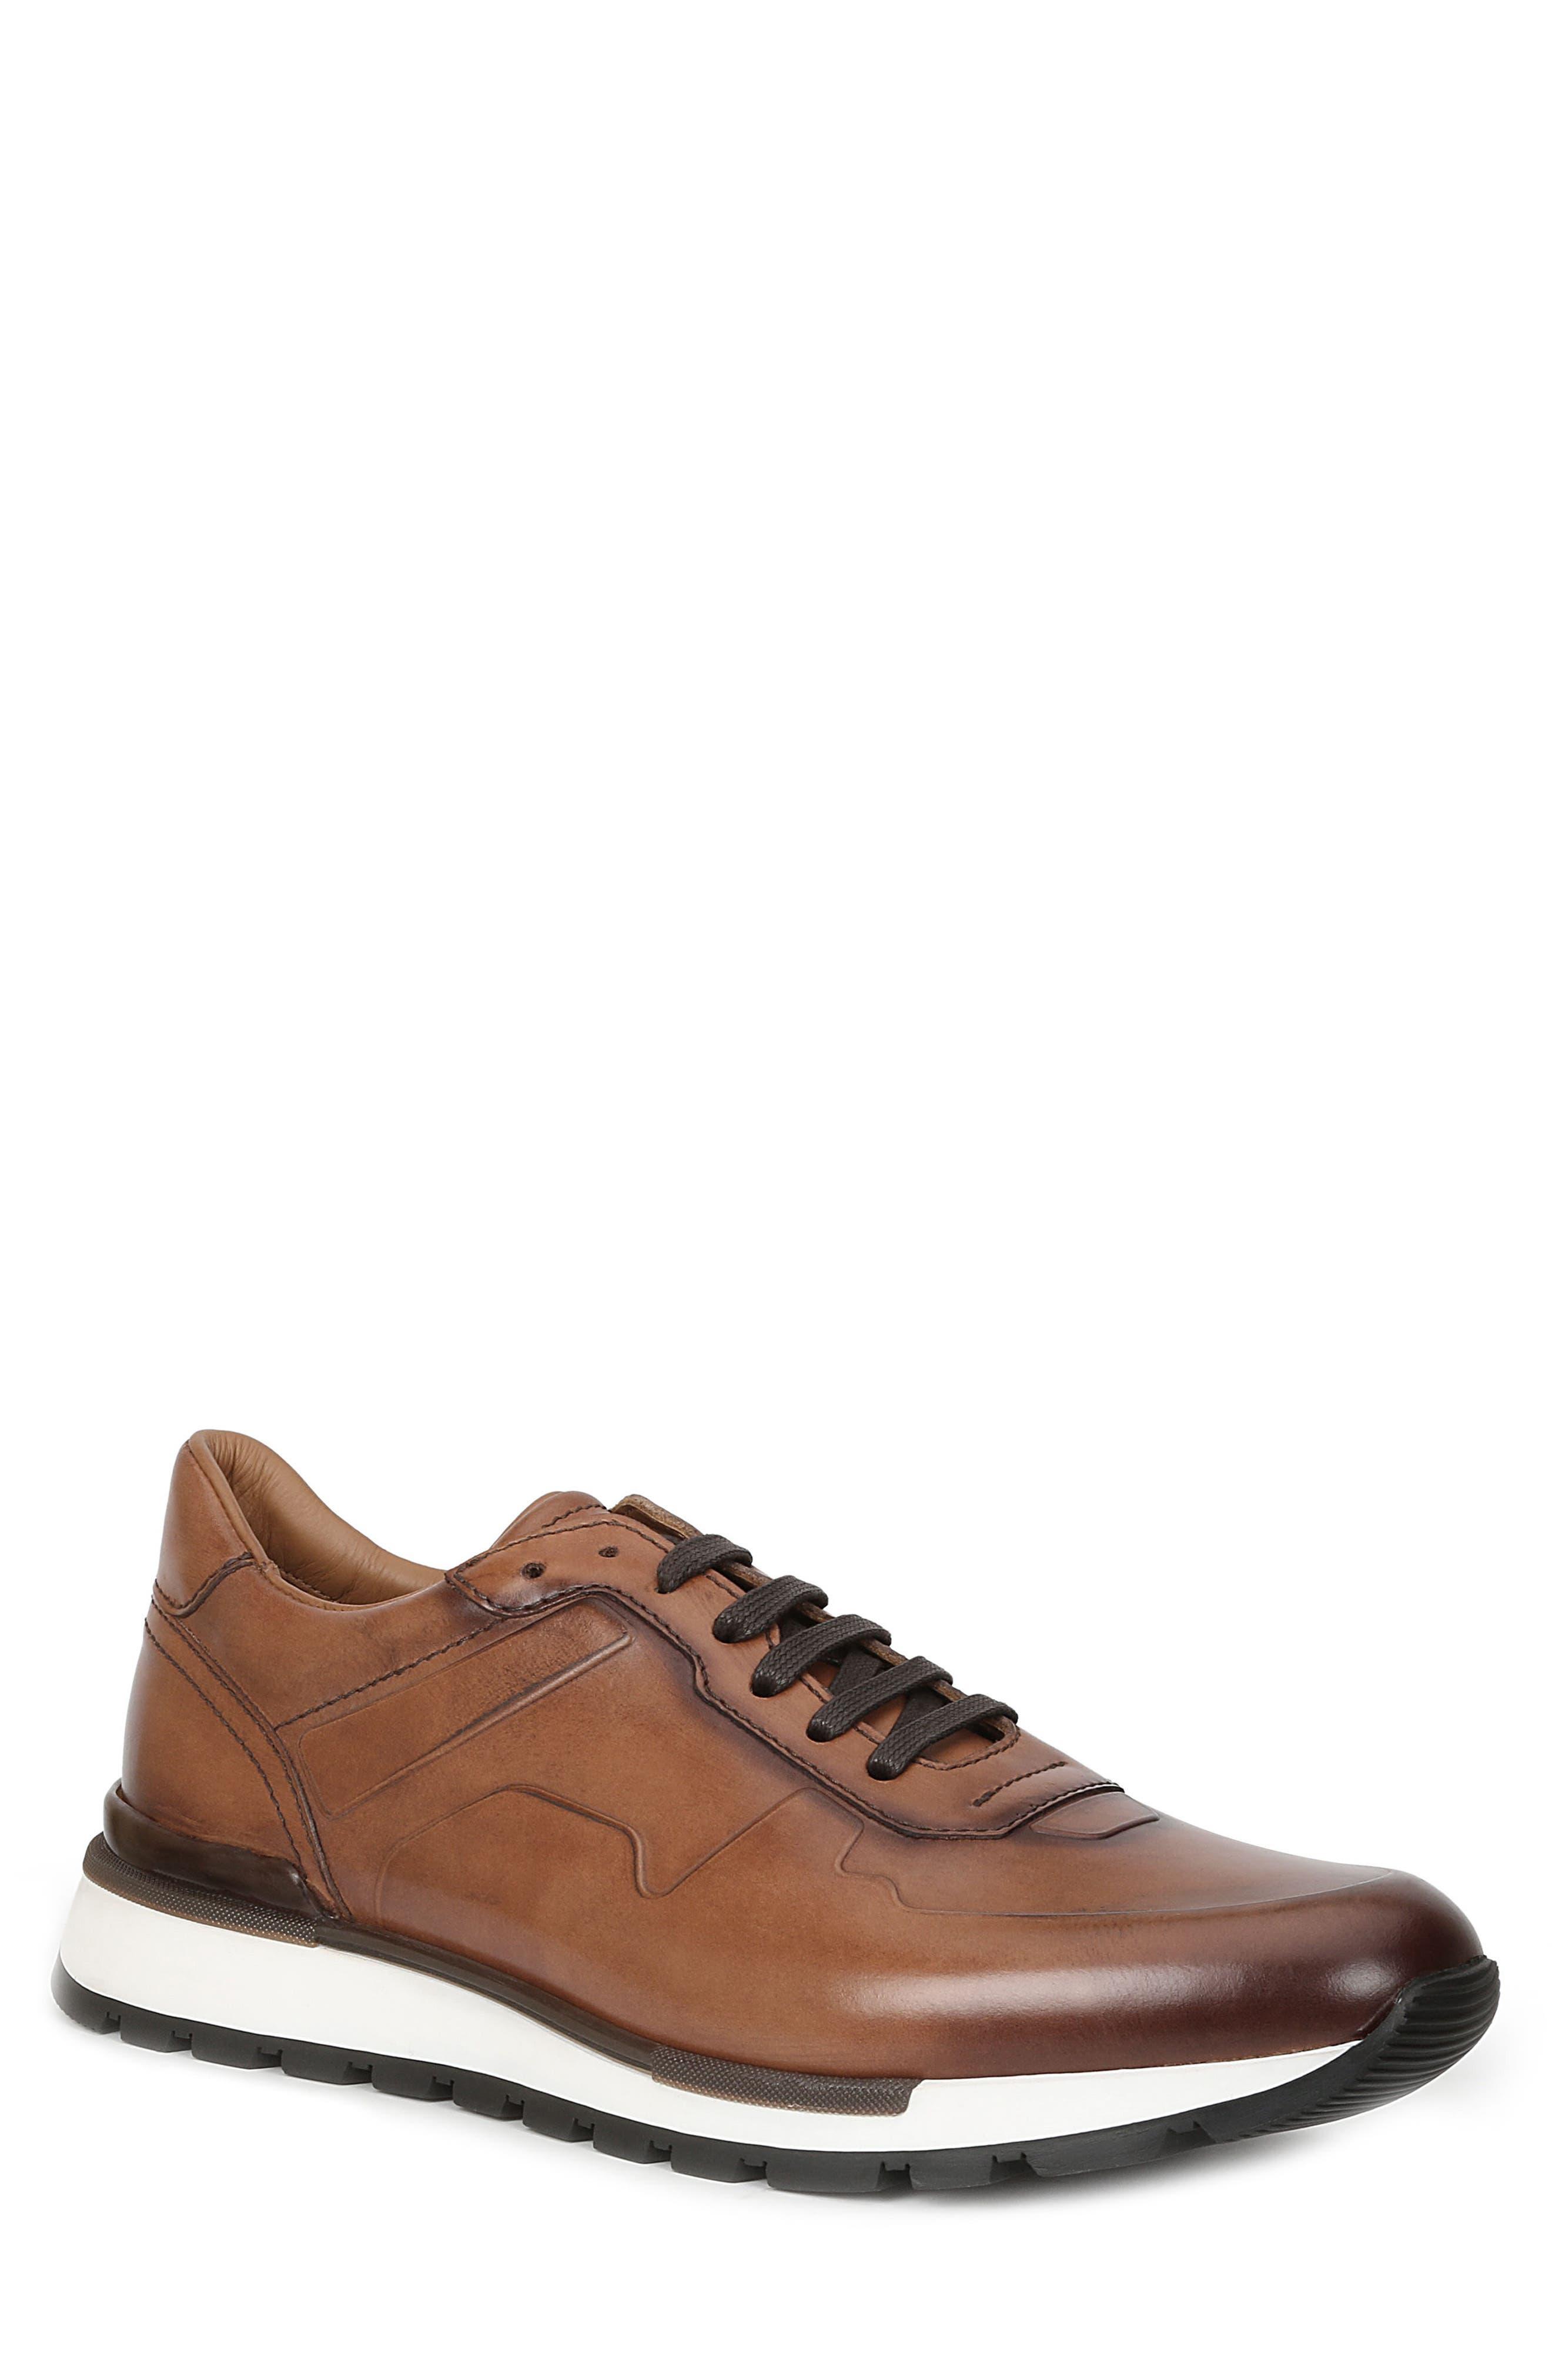 Davio Low Top Sneaker,                         Main,                         color, COGNAC